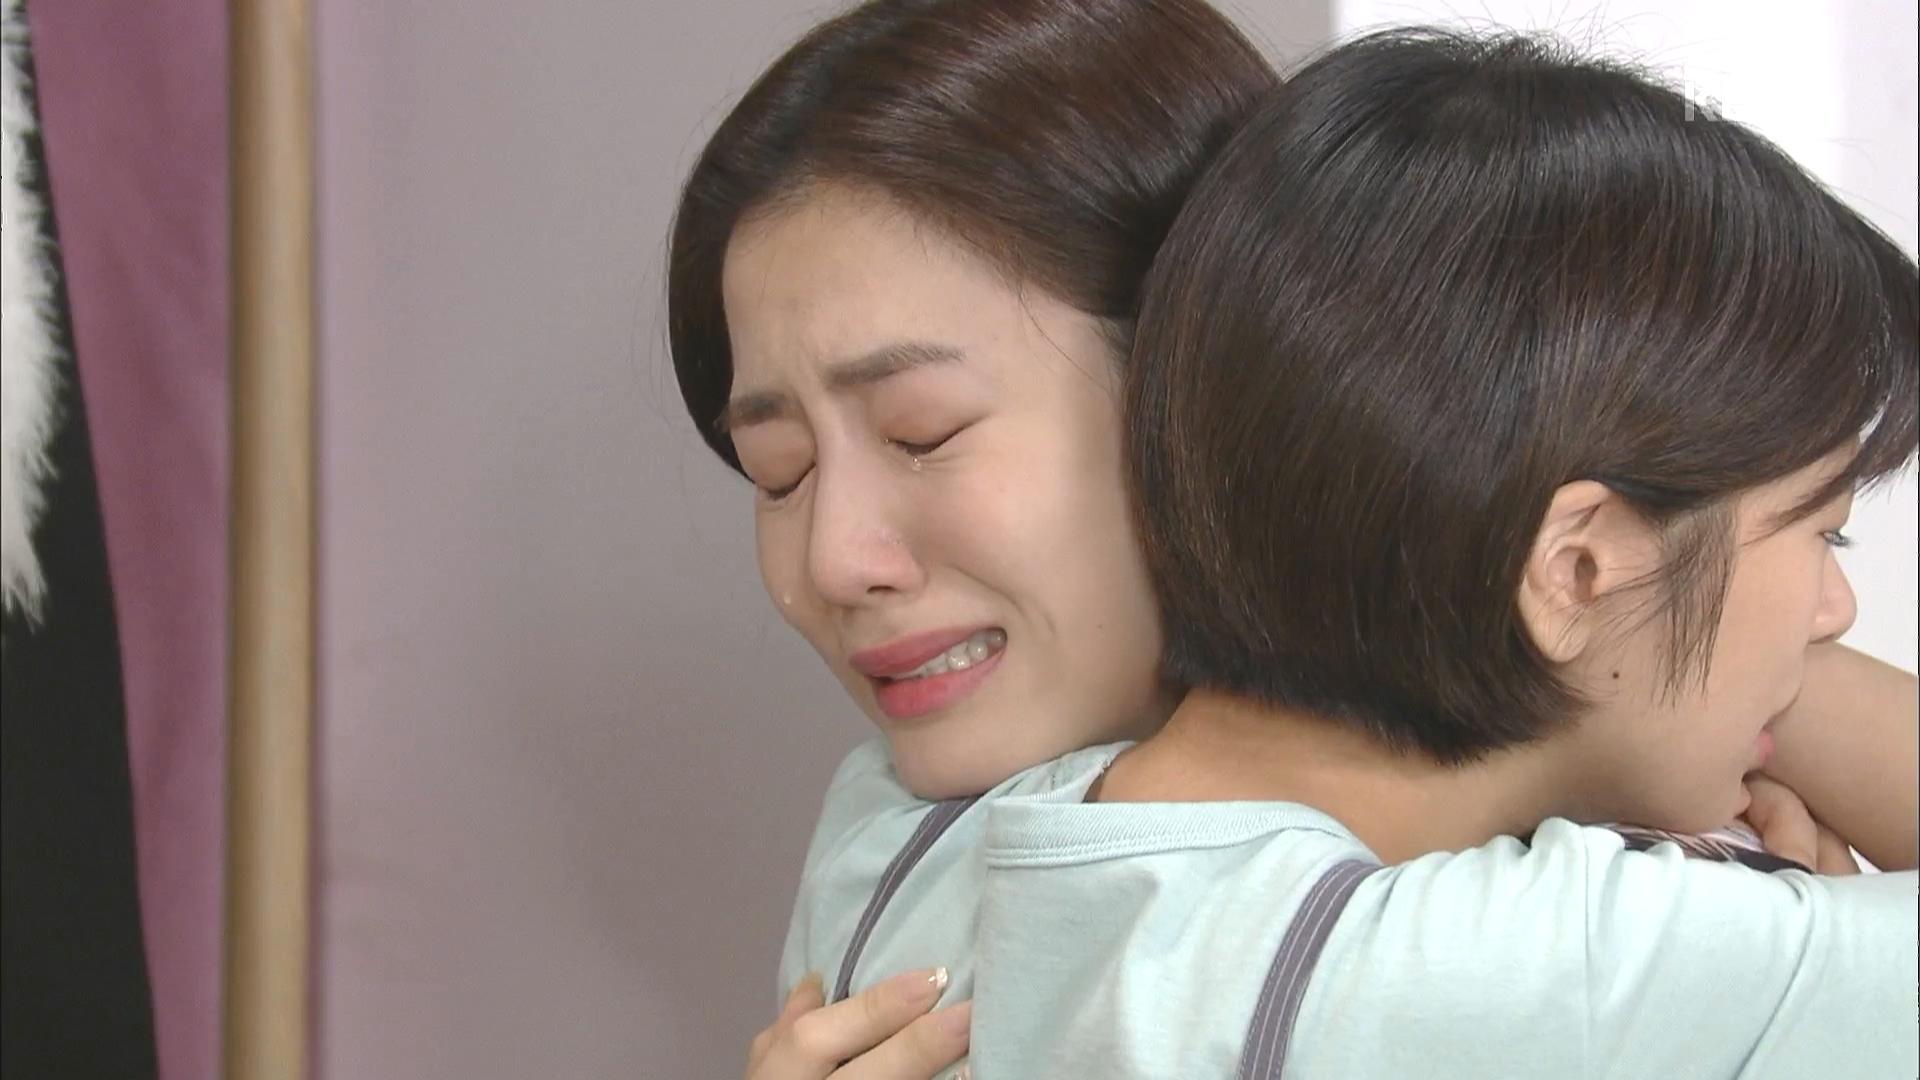 류화영, 김영철의 반찬 준비에 내일 재판이라고 이러는거지? 눈물